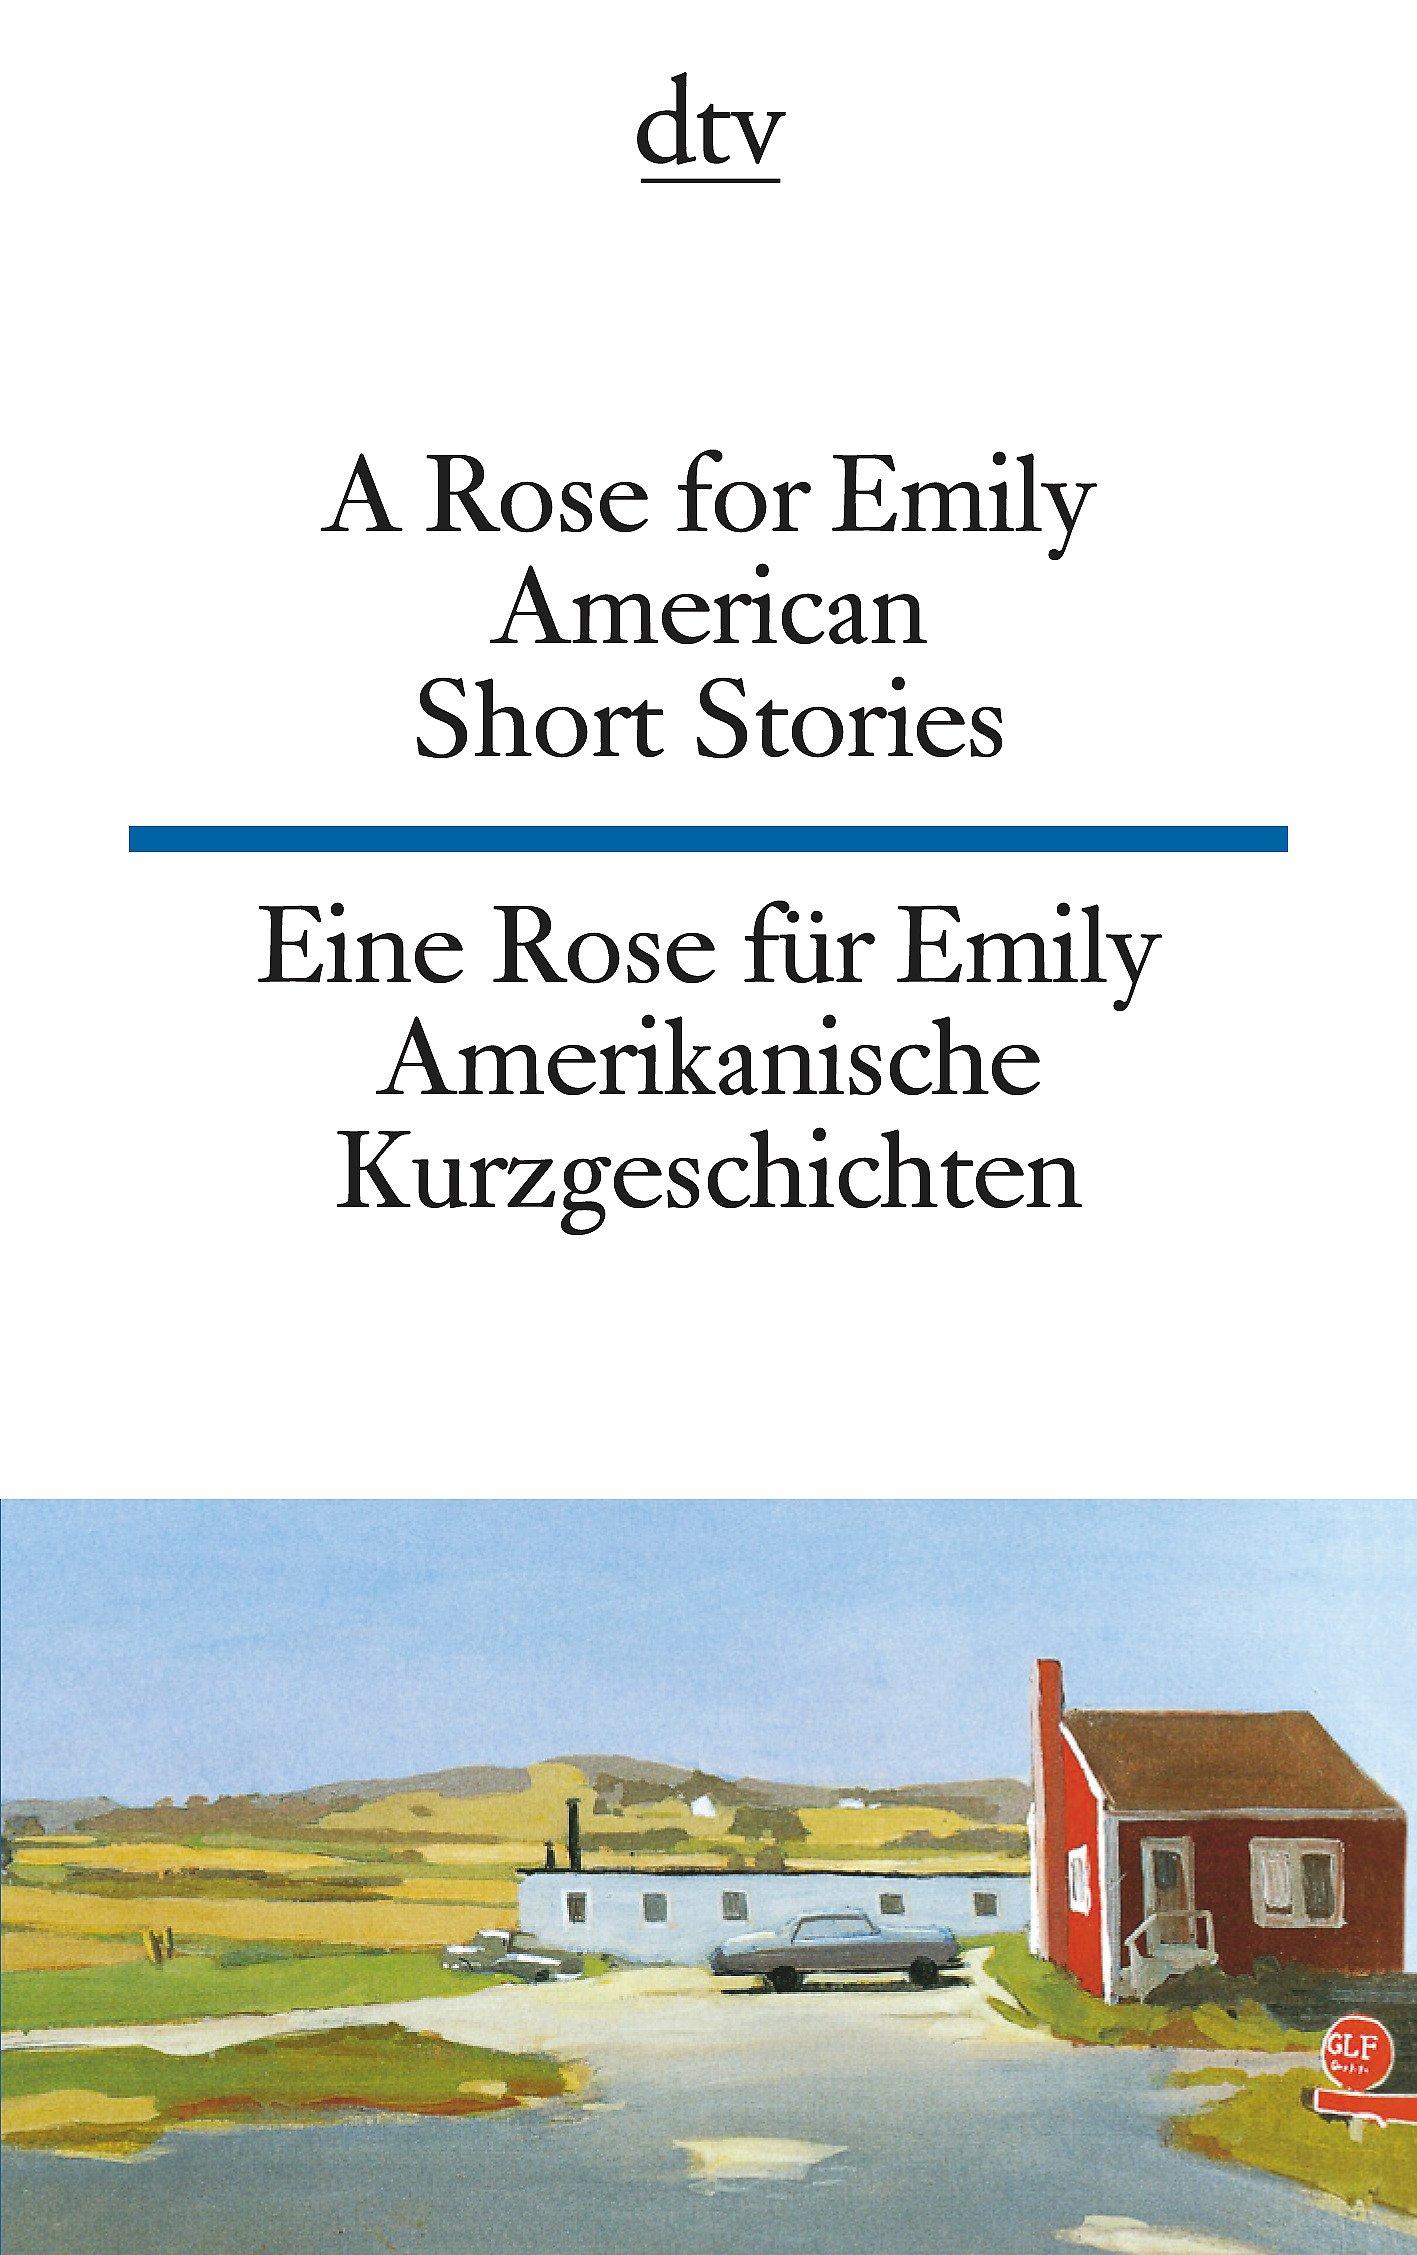 A Rose for Emily Eine Rose für Emily: American Short Stories Amerikanische Kurzgeschichten (dtv zweisprachig)